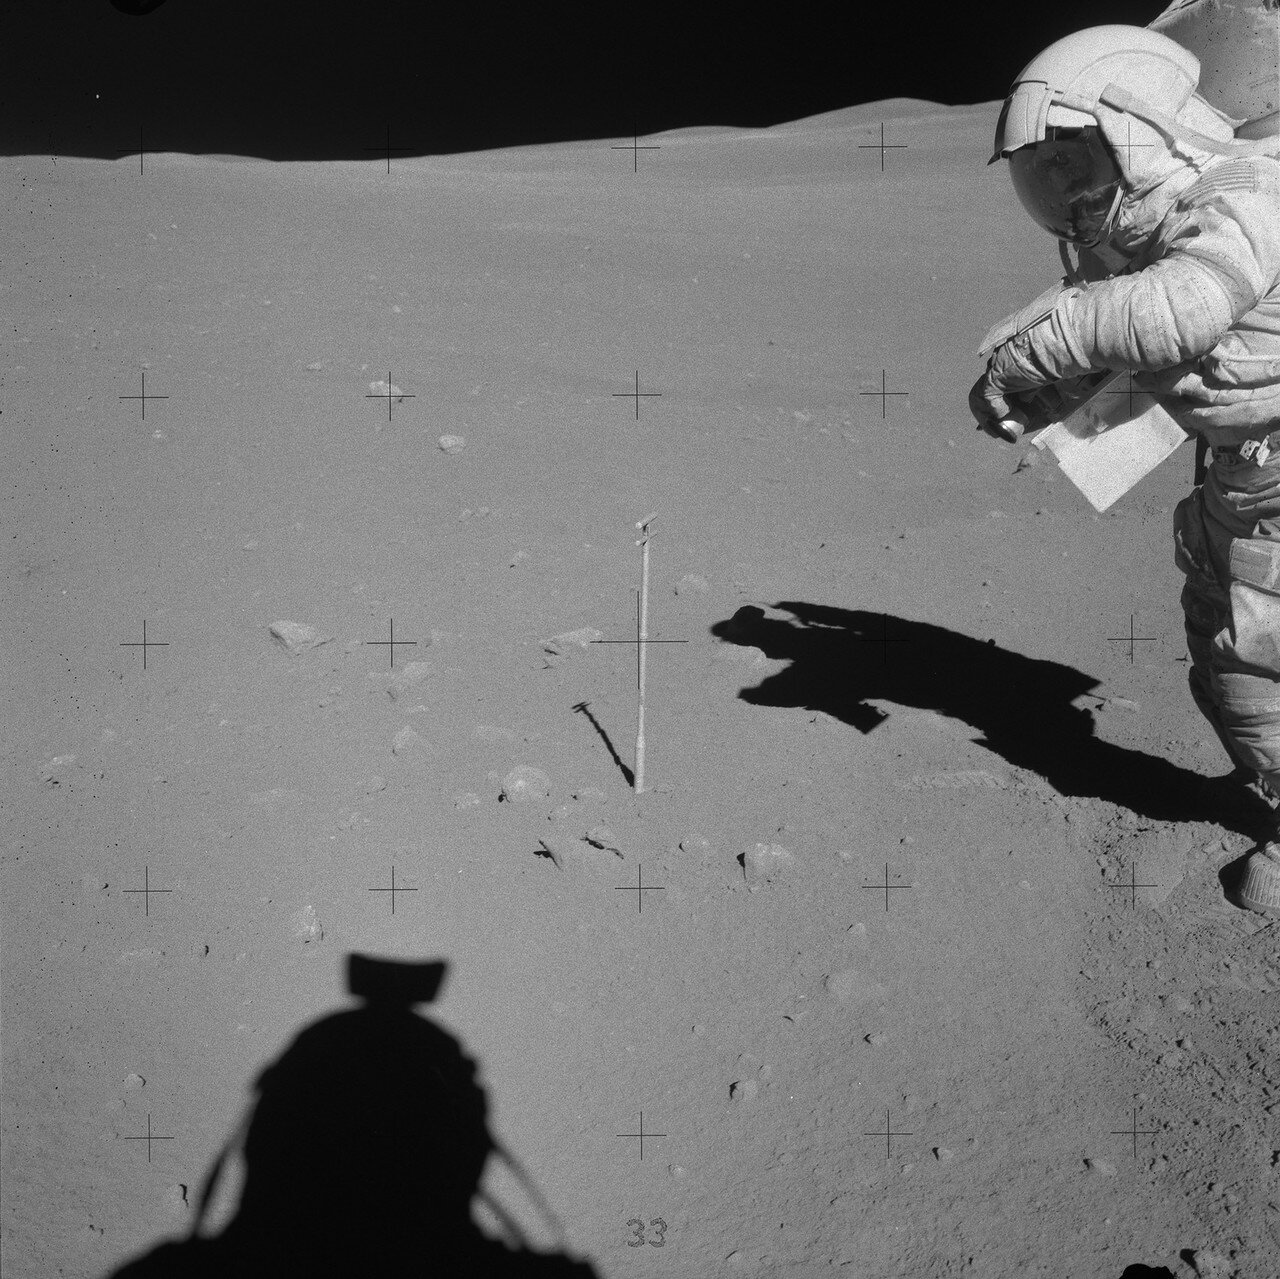 Очередную остановку (Station 6) астронавты сделали у 10-метрового кратера у подножия горы Стоун Маунтин, где геологи надеялись получить образцы формации Кэйли. На снимке: Джон Янг и Чарли Дьюк (внизу тень от его гермошлема) перед сбором первого образца